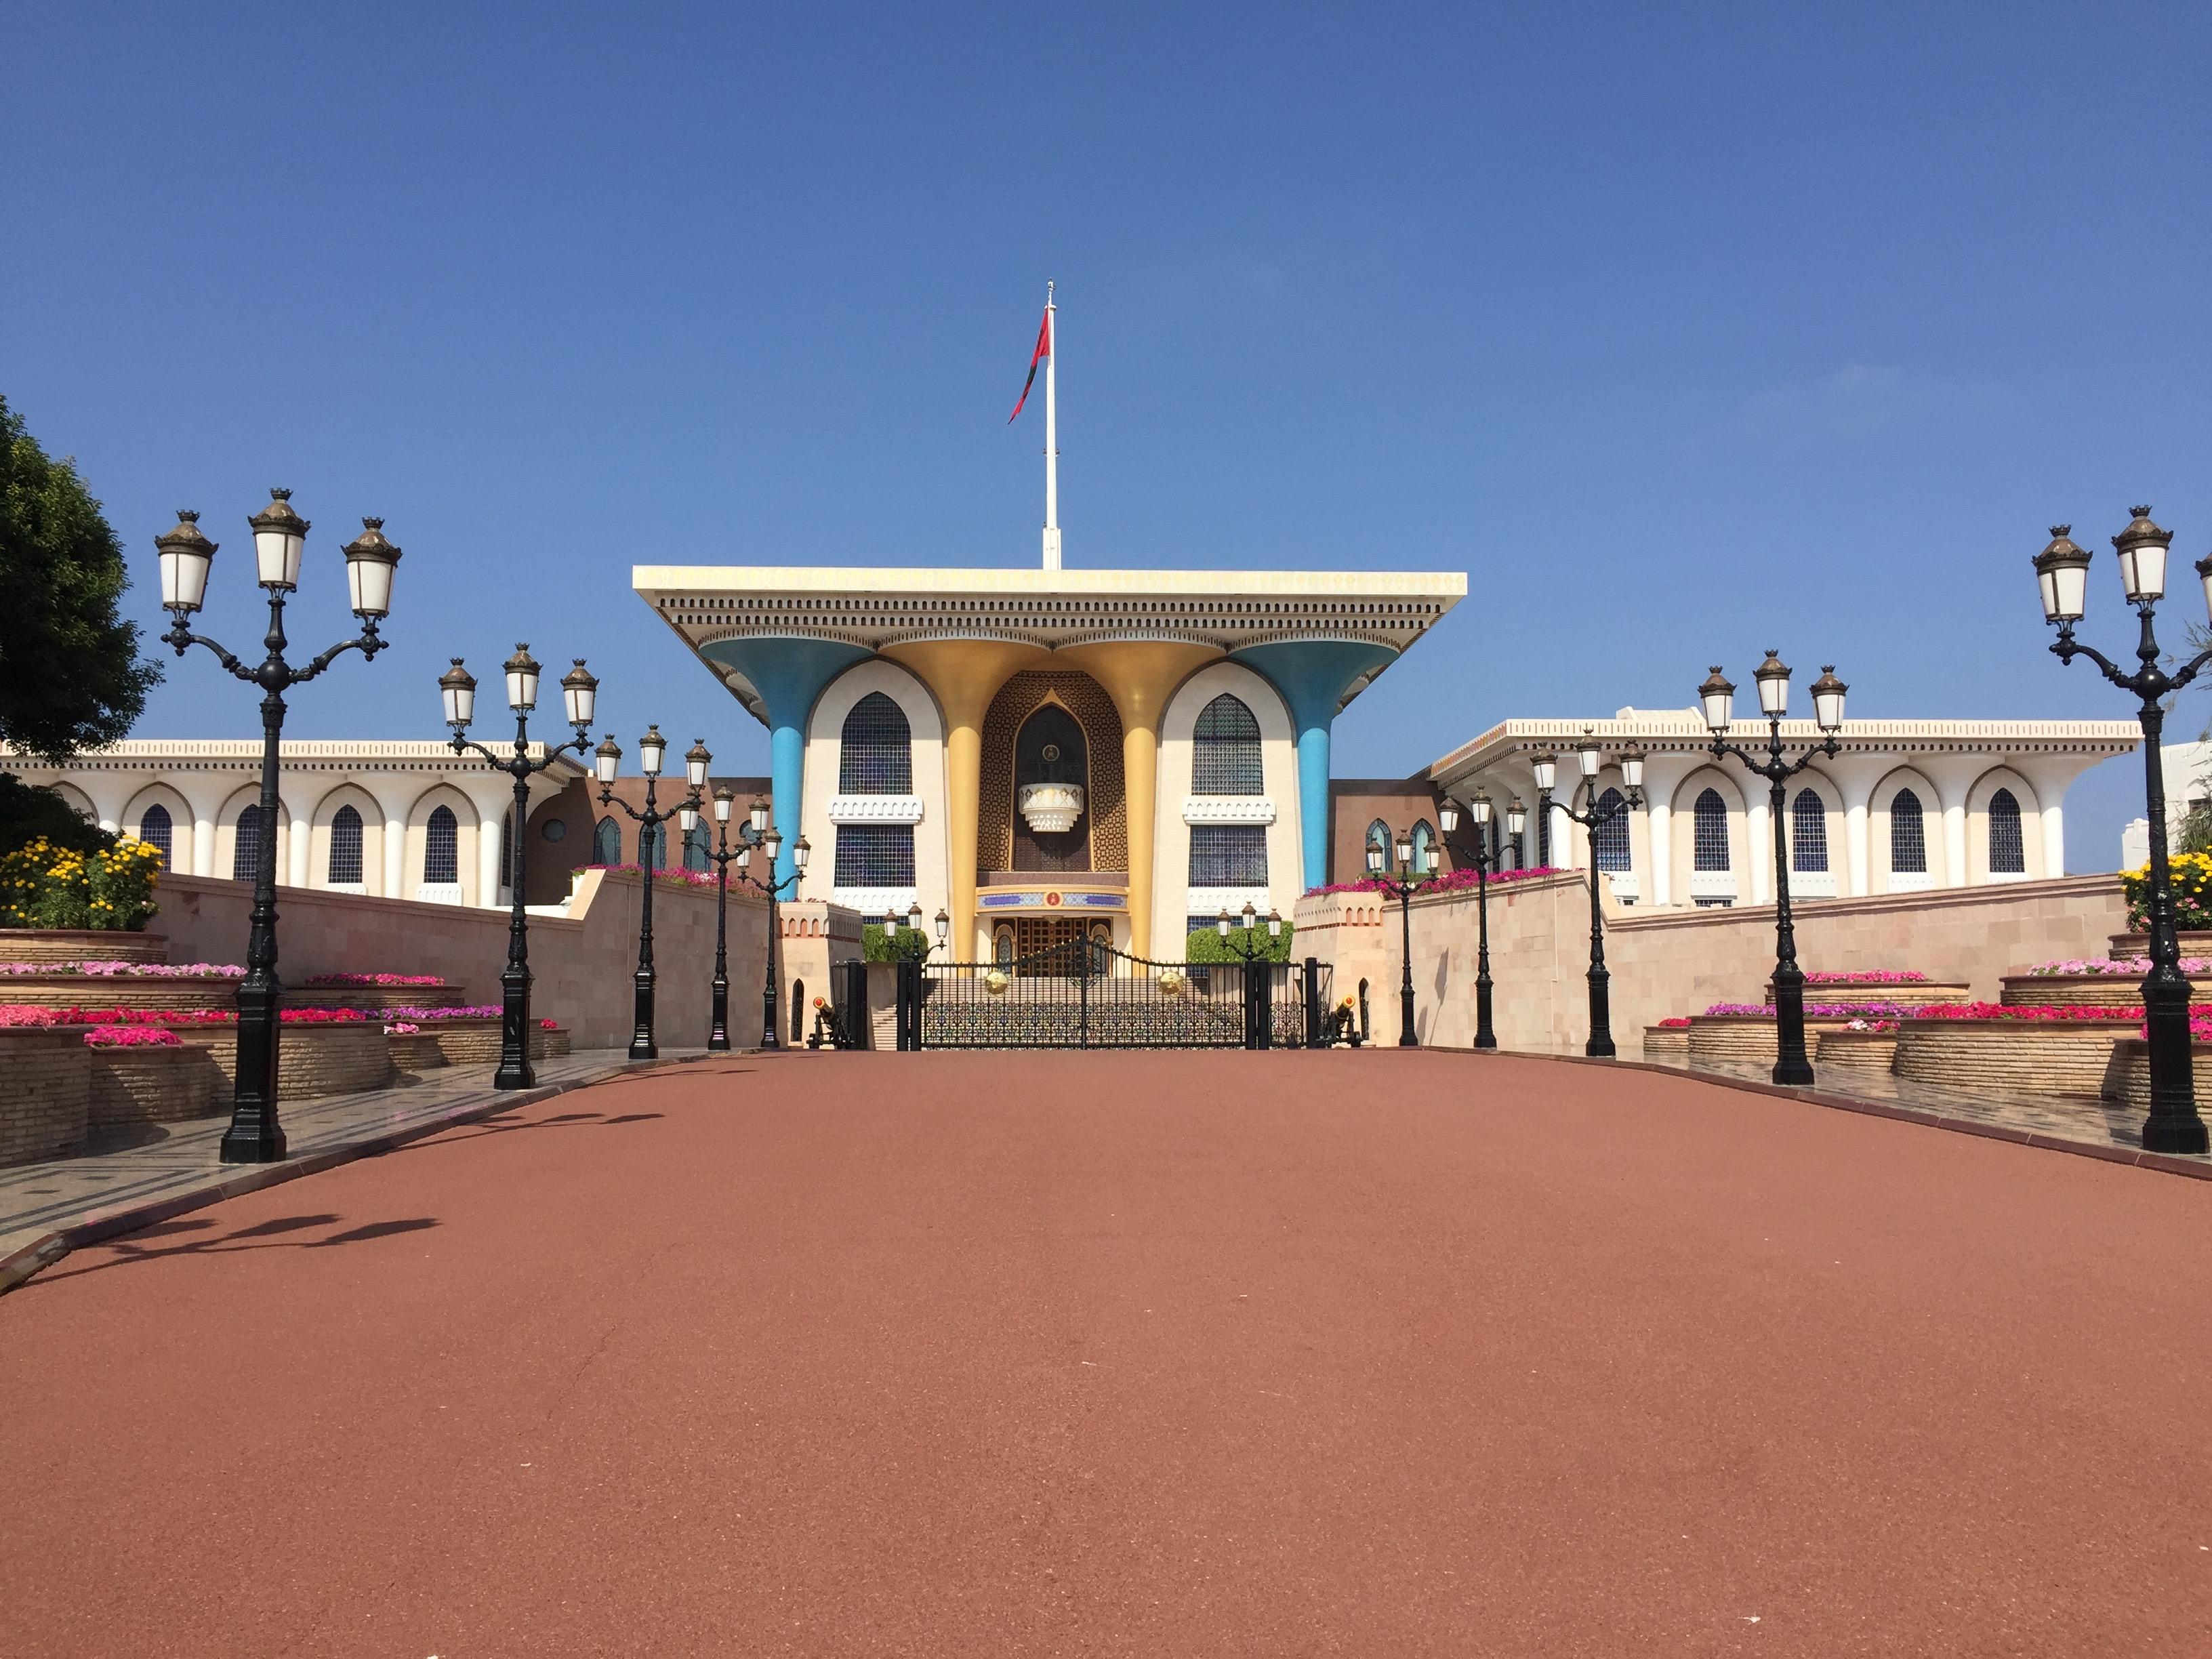 AlAlam_palace_muscat_oman